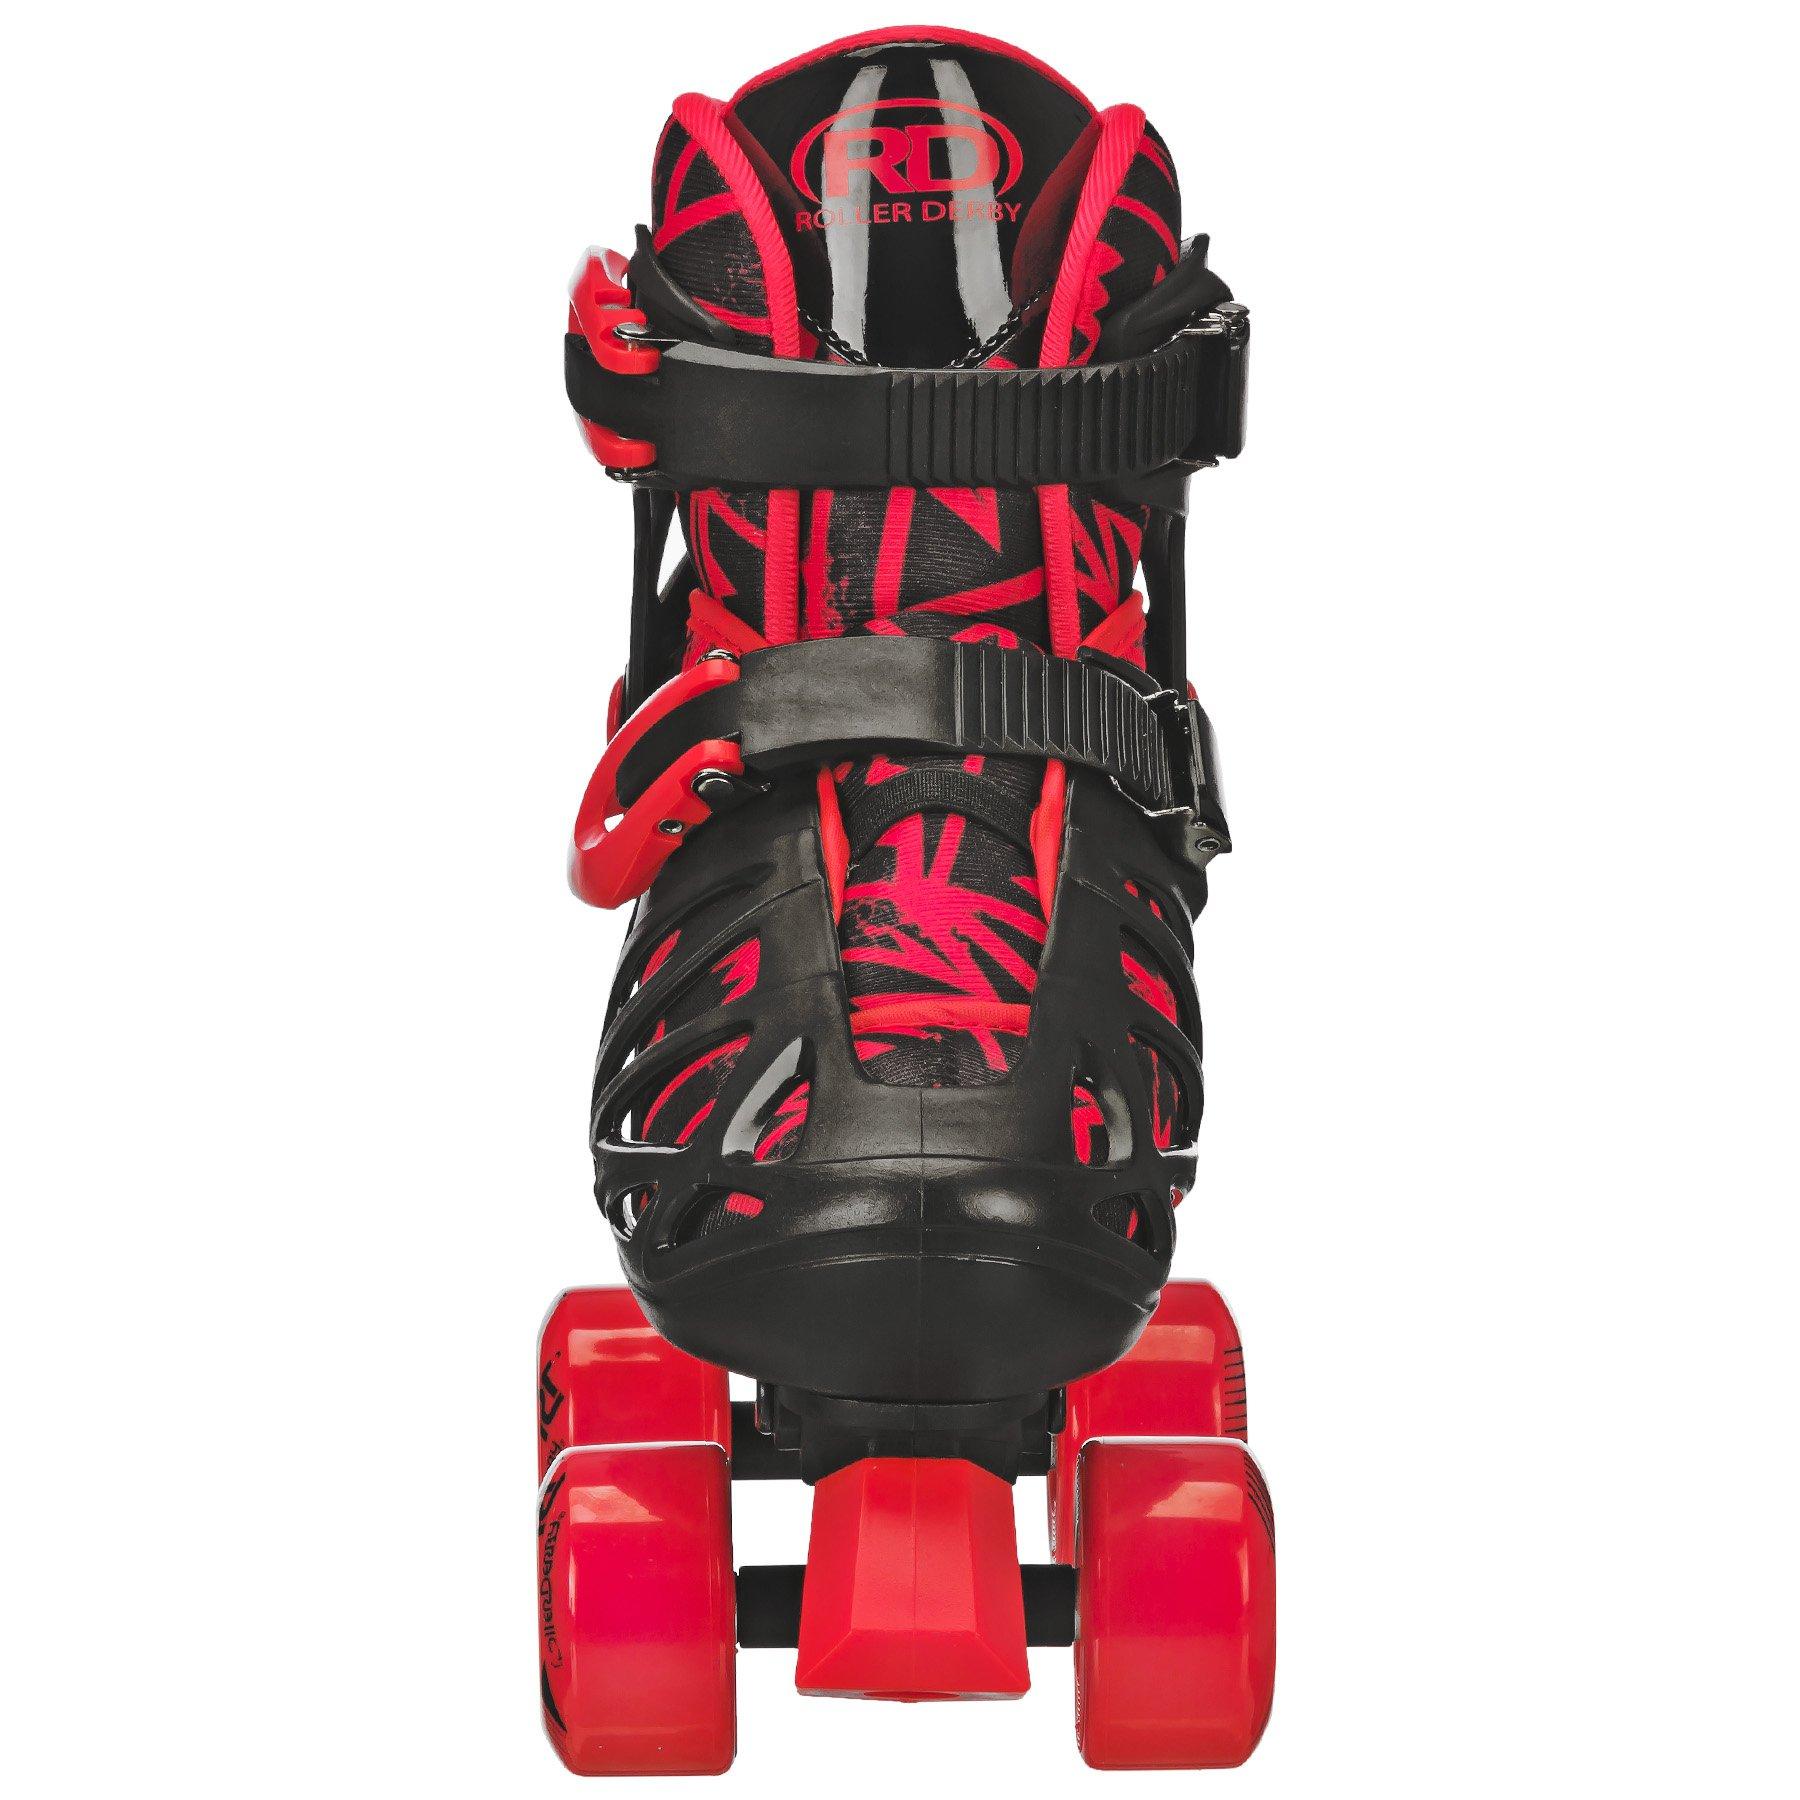 Roller Derby Trac Star Boy's Adjustable Roller Skate, Grey/Black/Red, Large (3-6) by Roller Derby (Image #4)